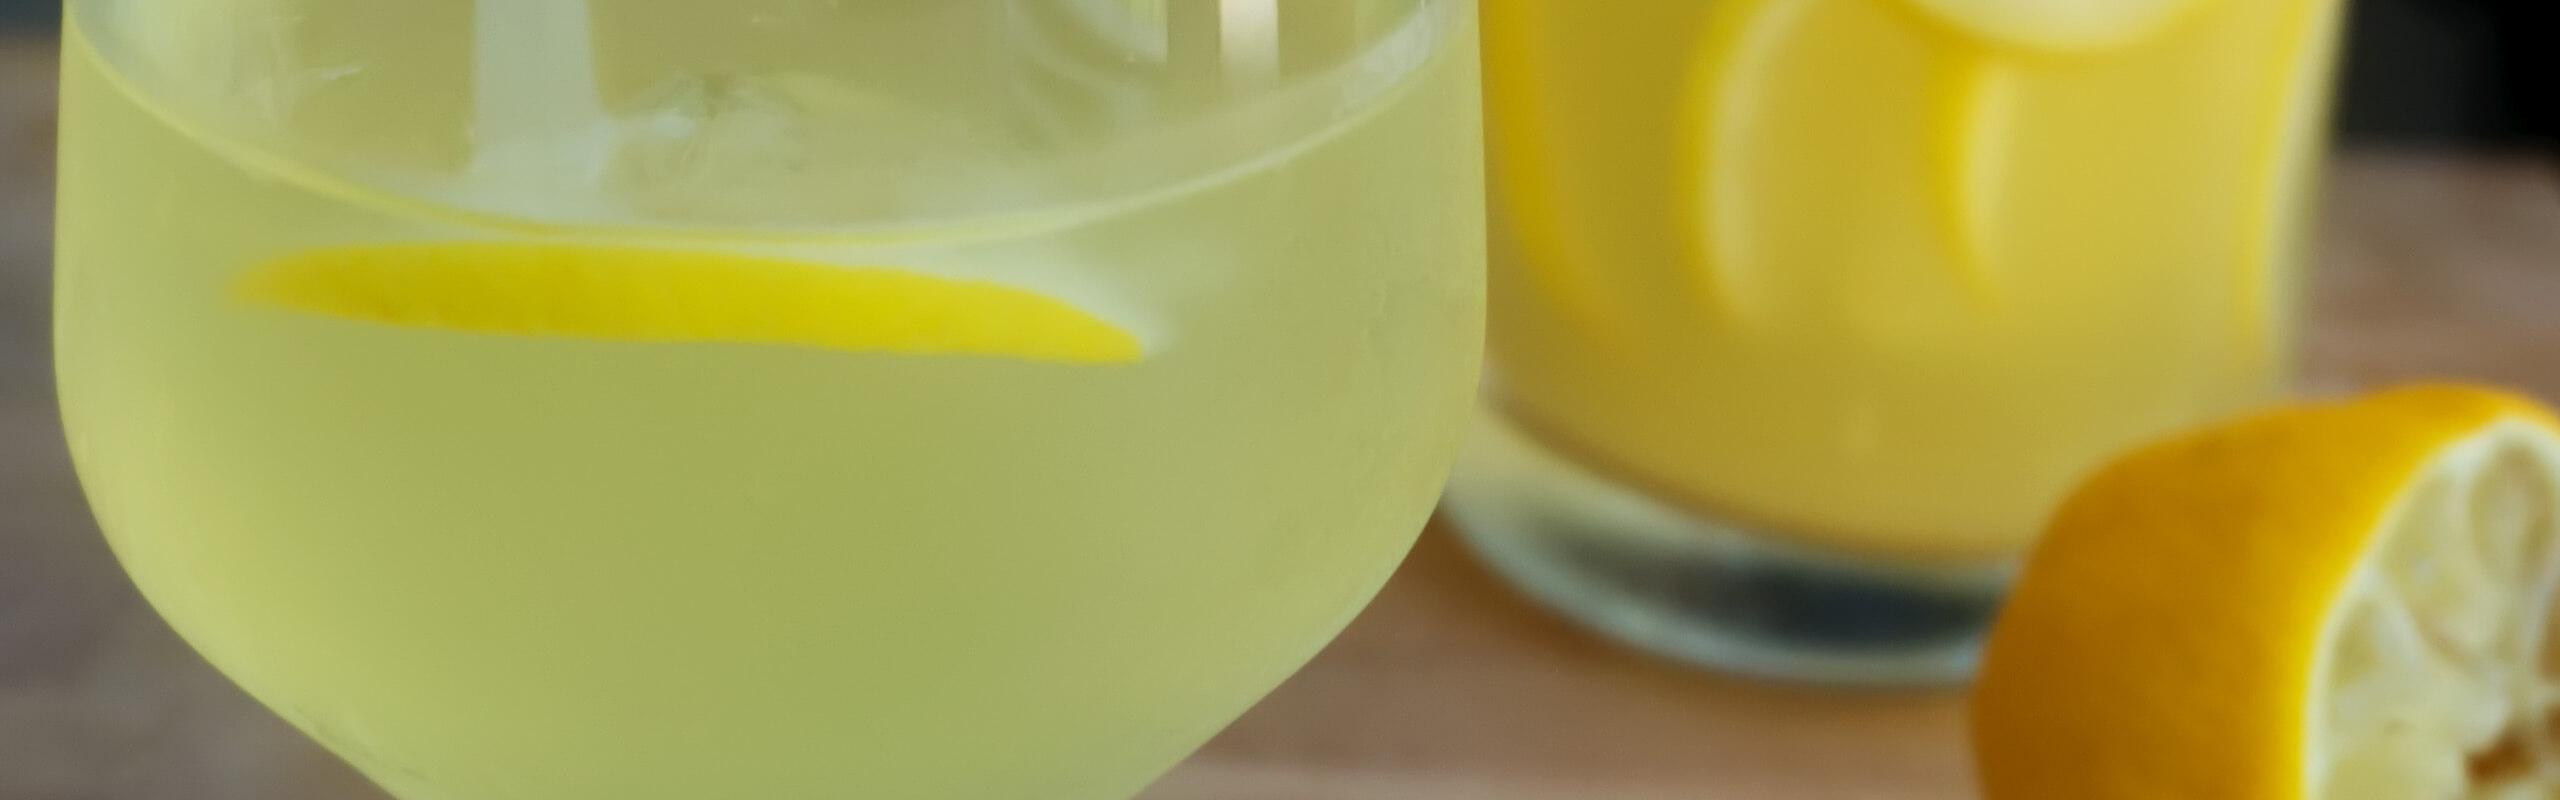 Домашно приготвена лимонада